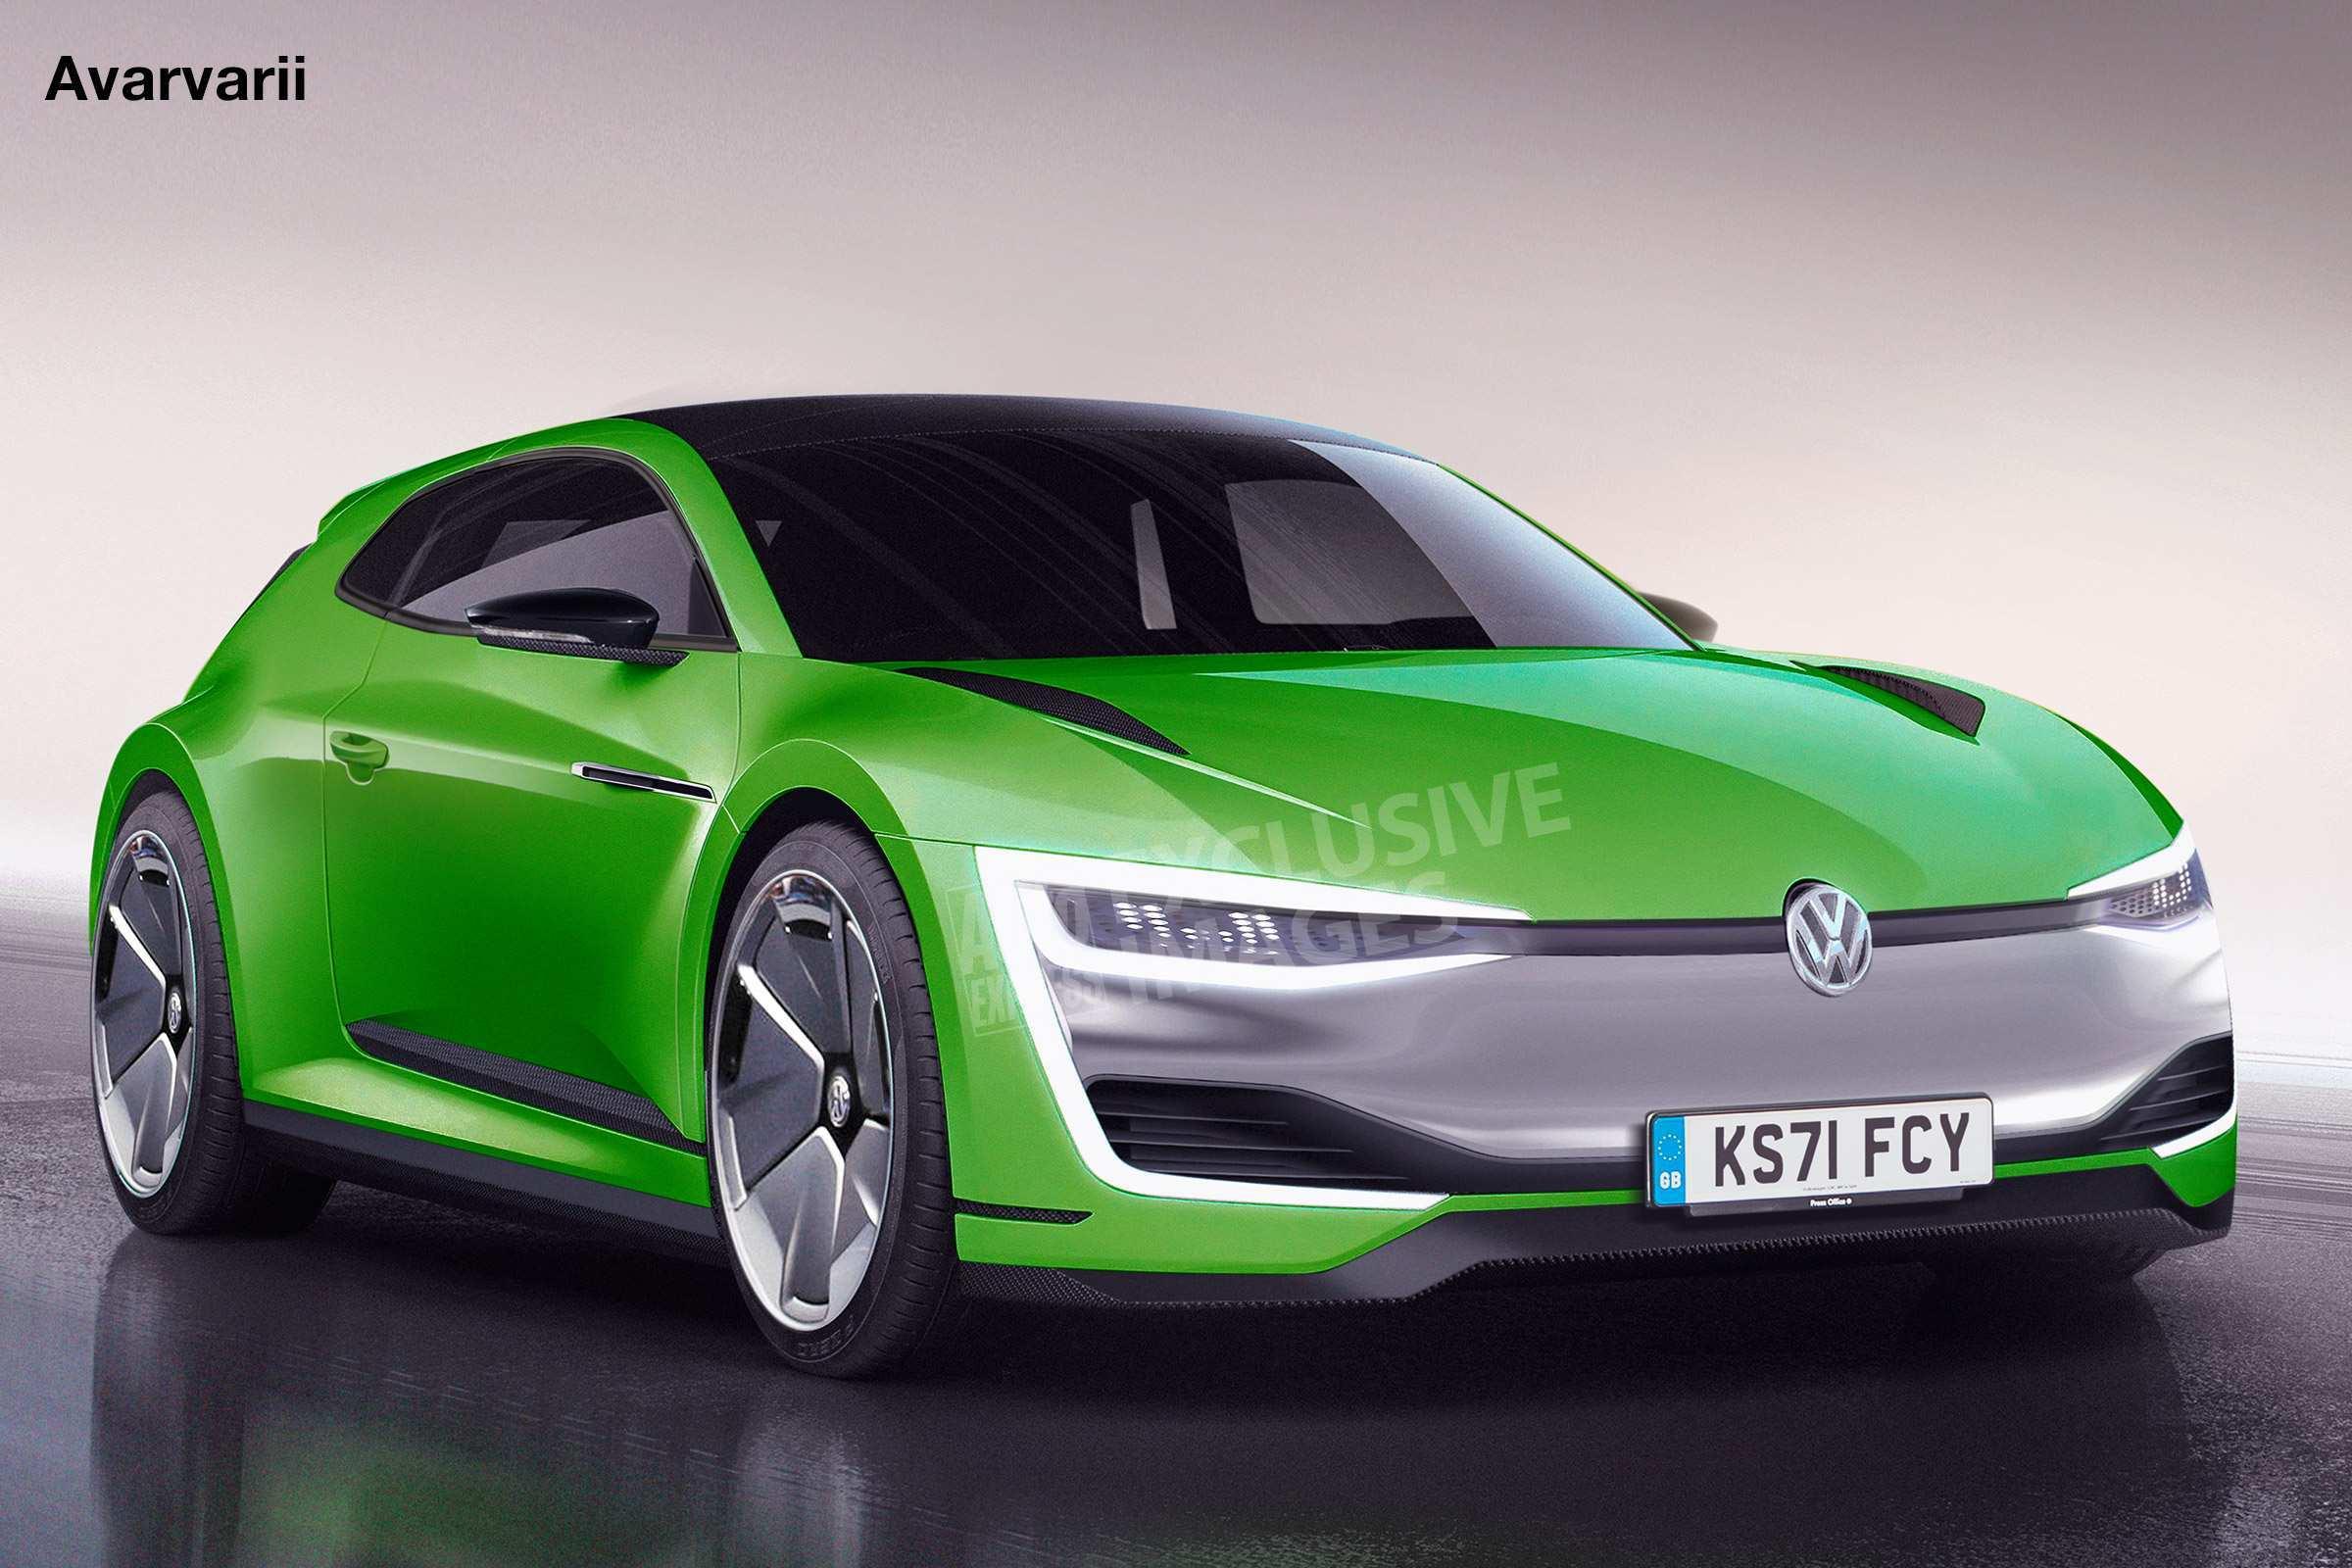 35 Concept of 2020 Volkswagen Scirocco New Review with 2020 Volkswagen Scirocco